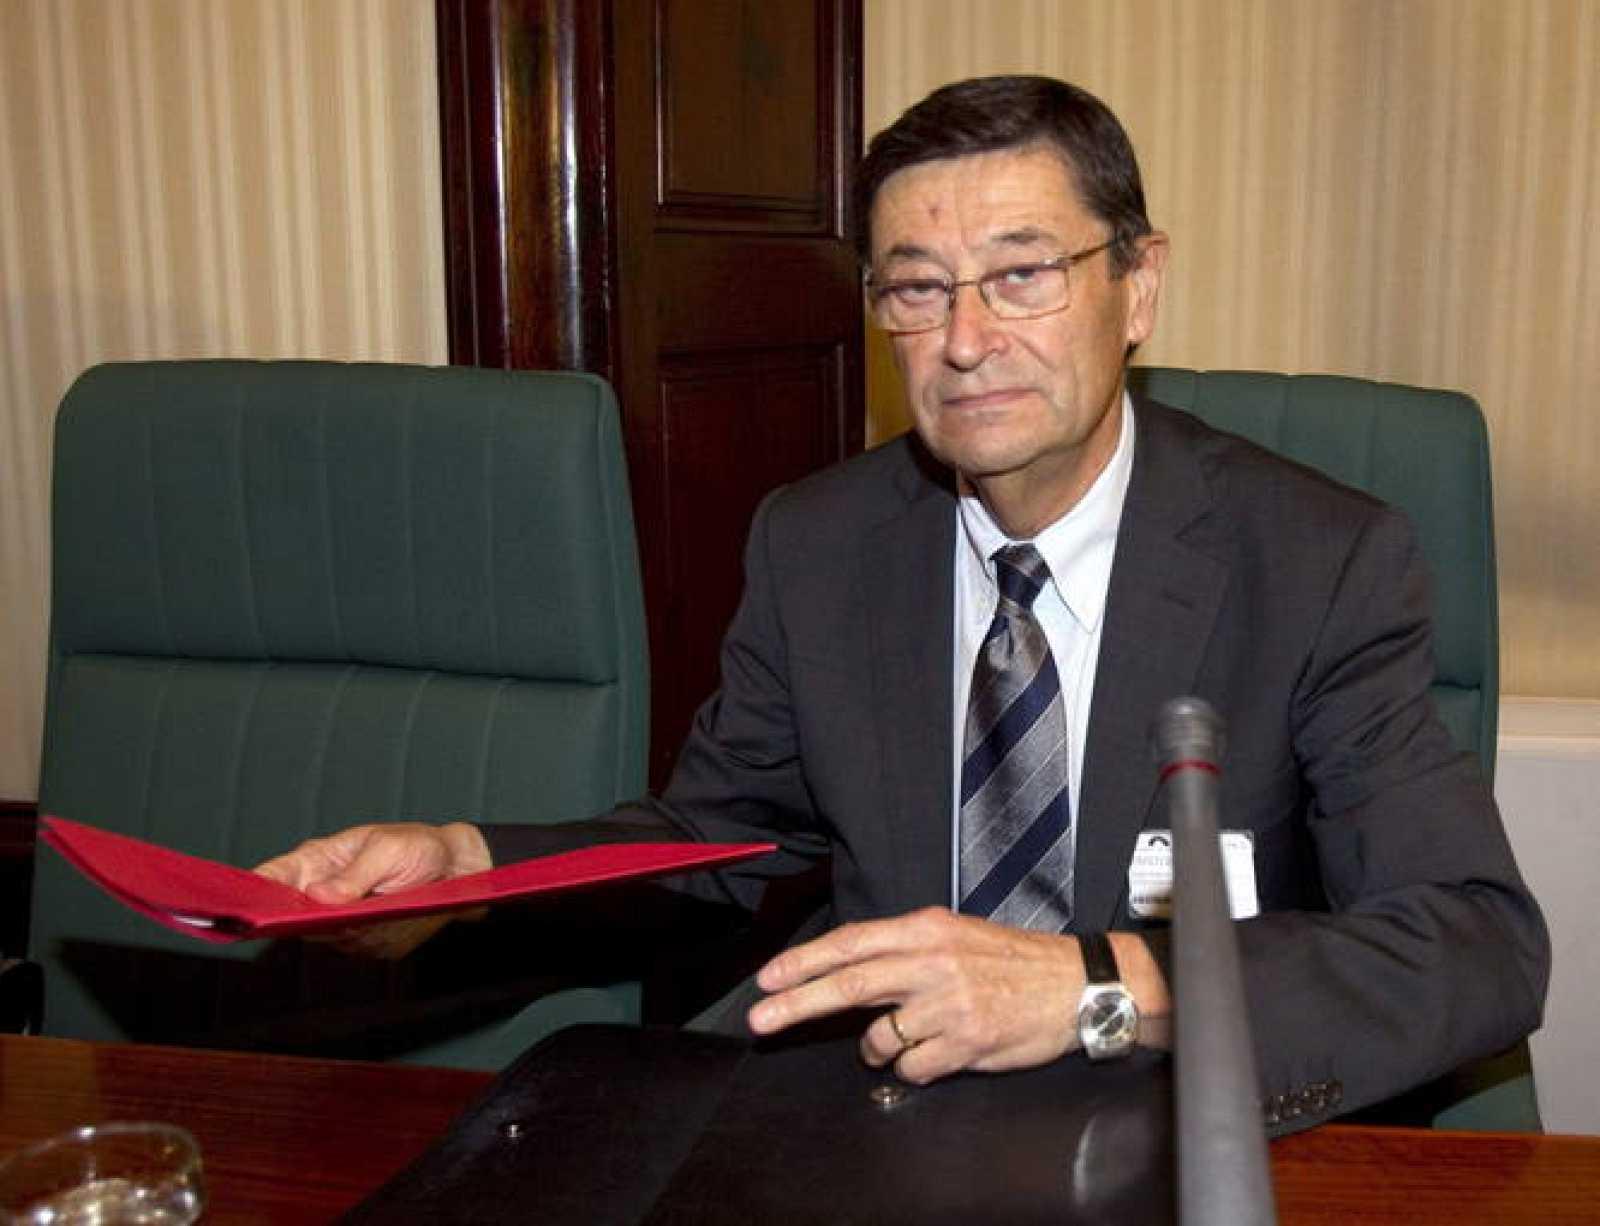 El exdirector general de Caixa Catalunya Josep Maria Loza, en su comparecencia en la comisión de investigación de la banca